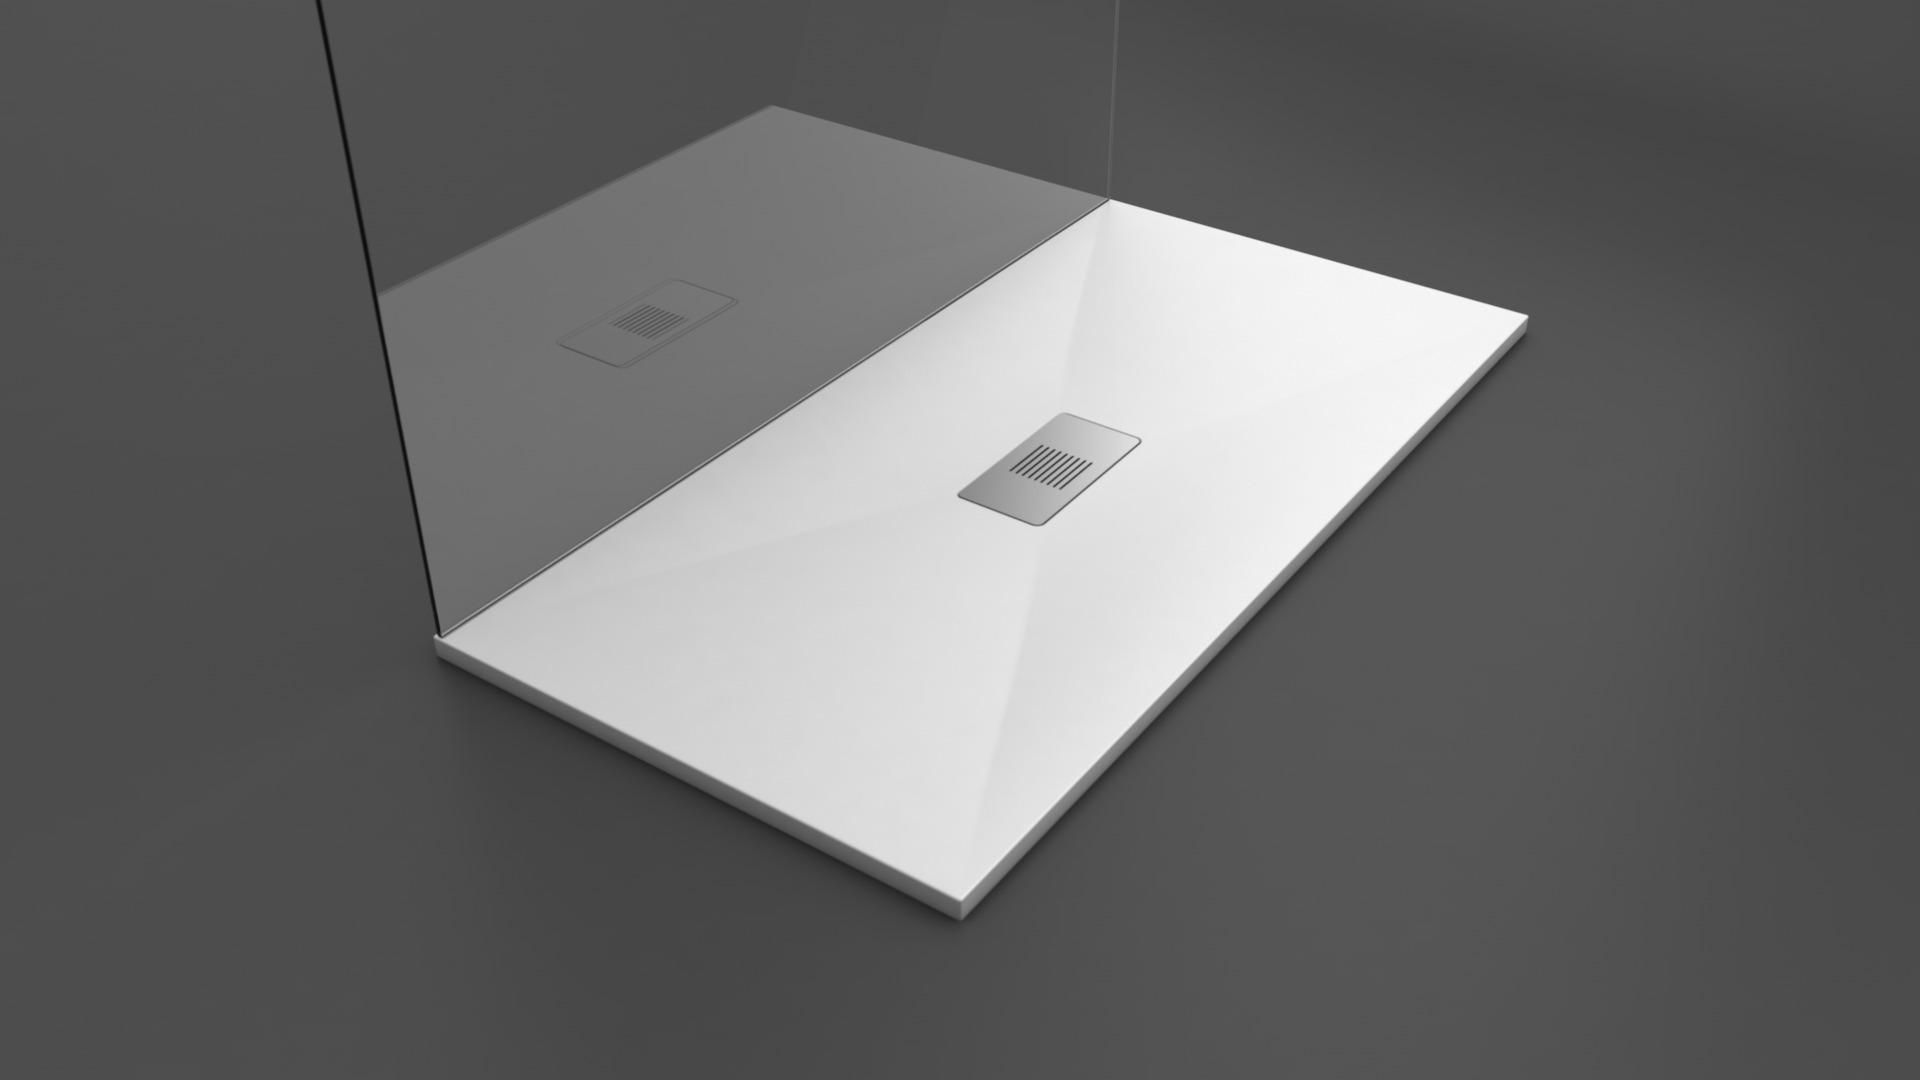 Texence Double Center Square - Plato de ducha blanco